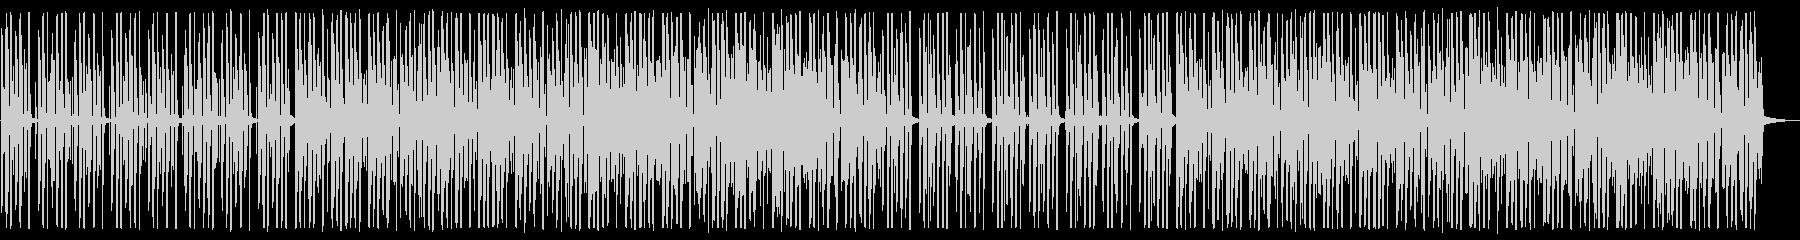 アーバン/優しさ/R&B_No468_1の未再生の波形